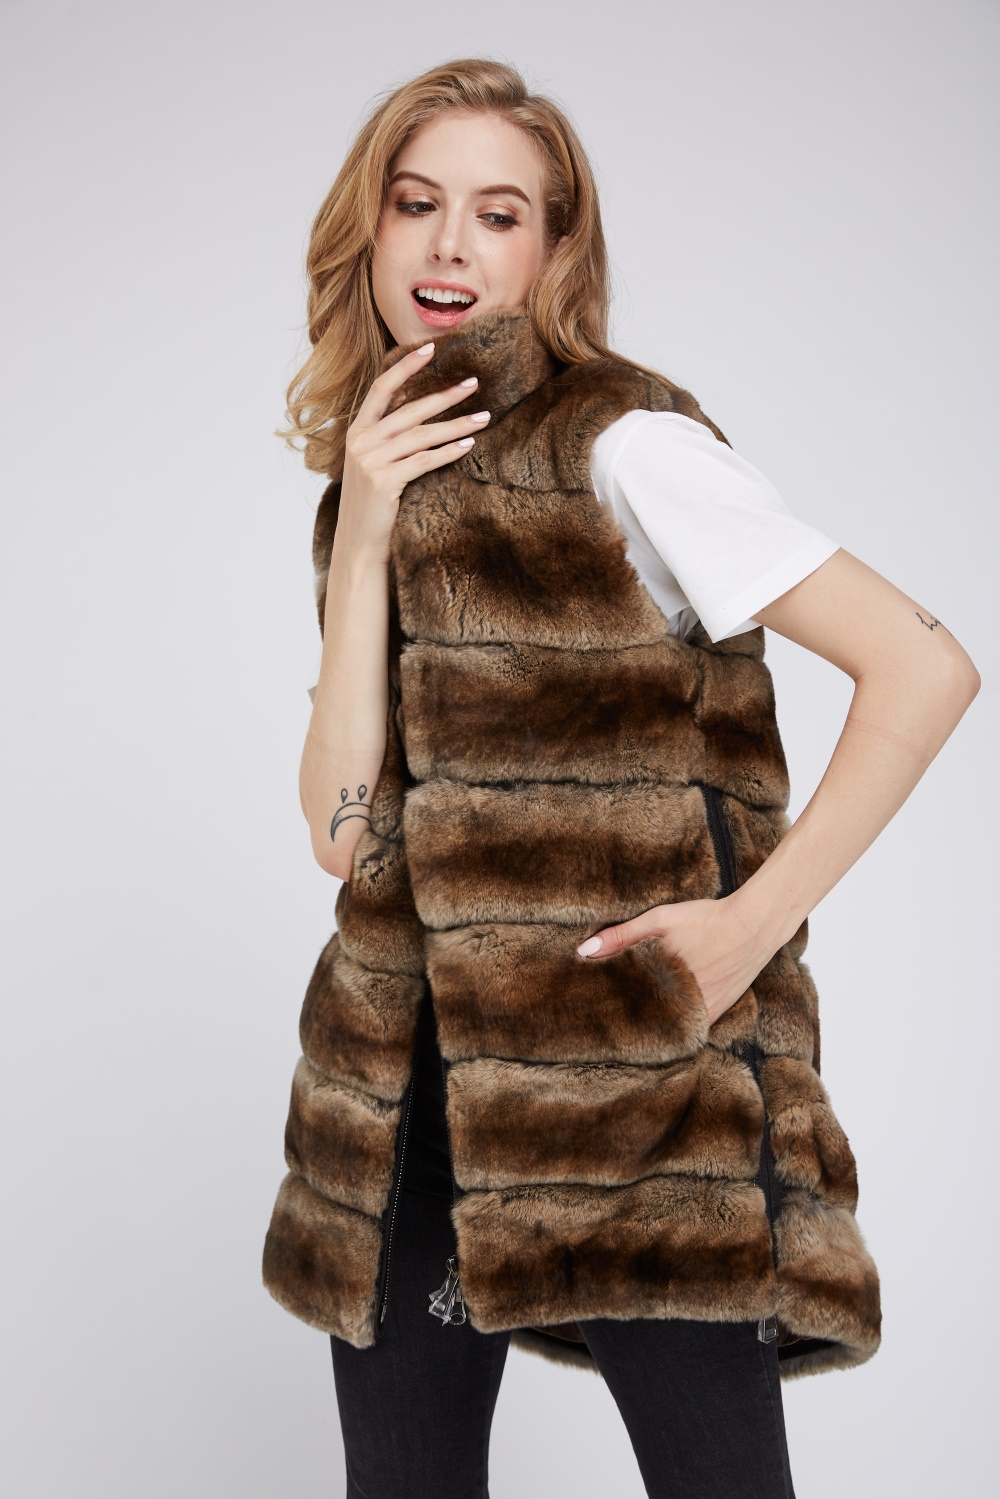 Qualité Pour Mode Les Manteaux 1 De Outwear Automne Véritable color Femmes Haute Marque Gilet Vente Hiver color 3 Color 2 Lapin Fourrure Manteau OxawCnqSY